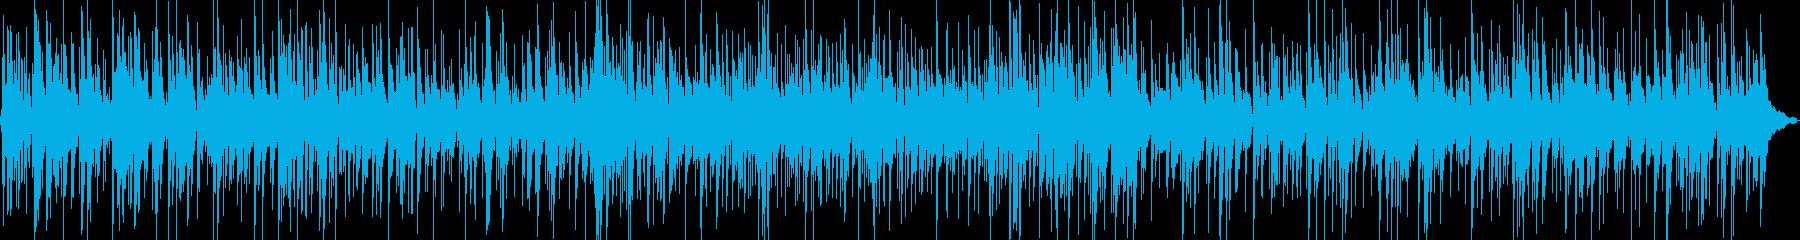 夏のバカンス・まったり・大人ジャズの再生済みの波形